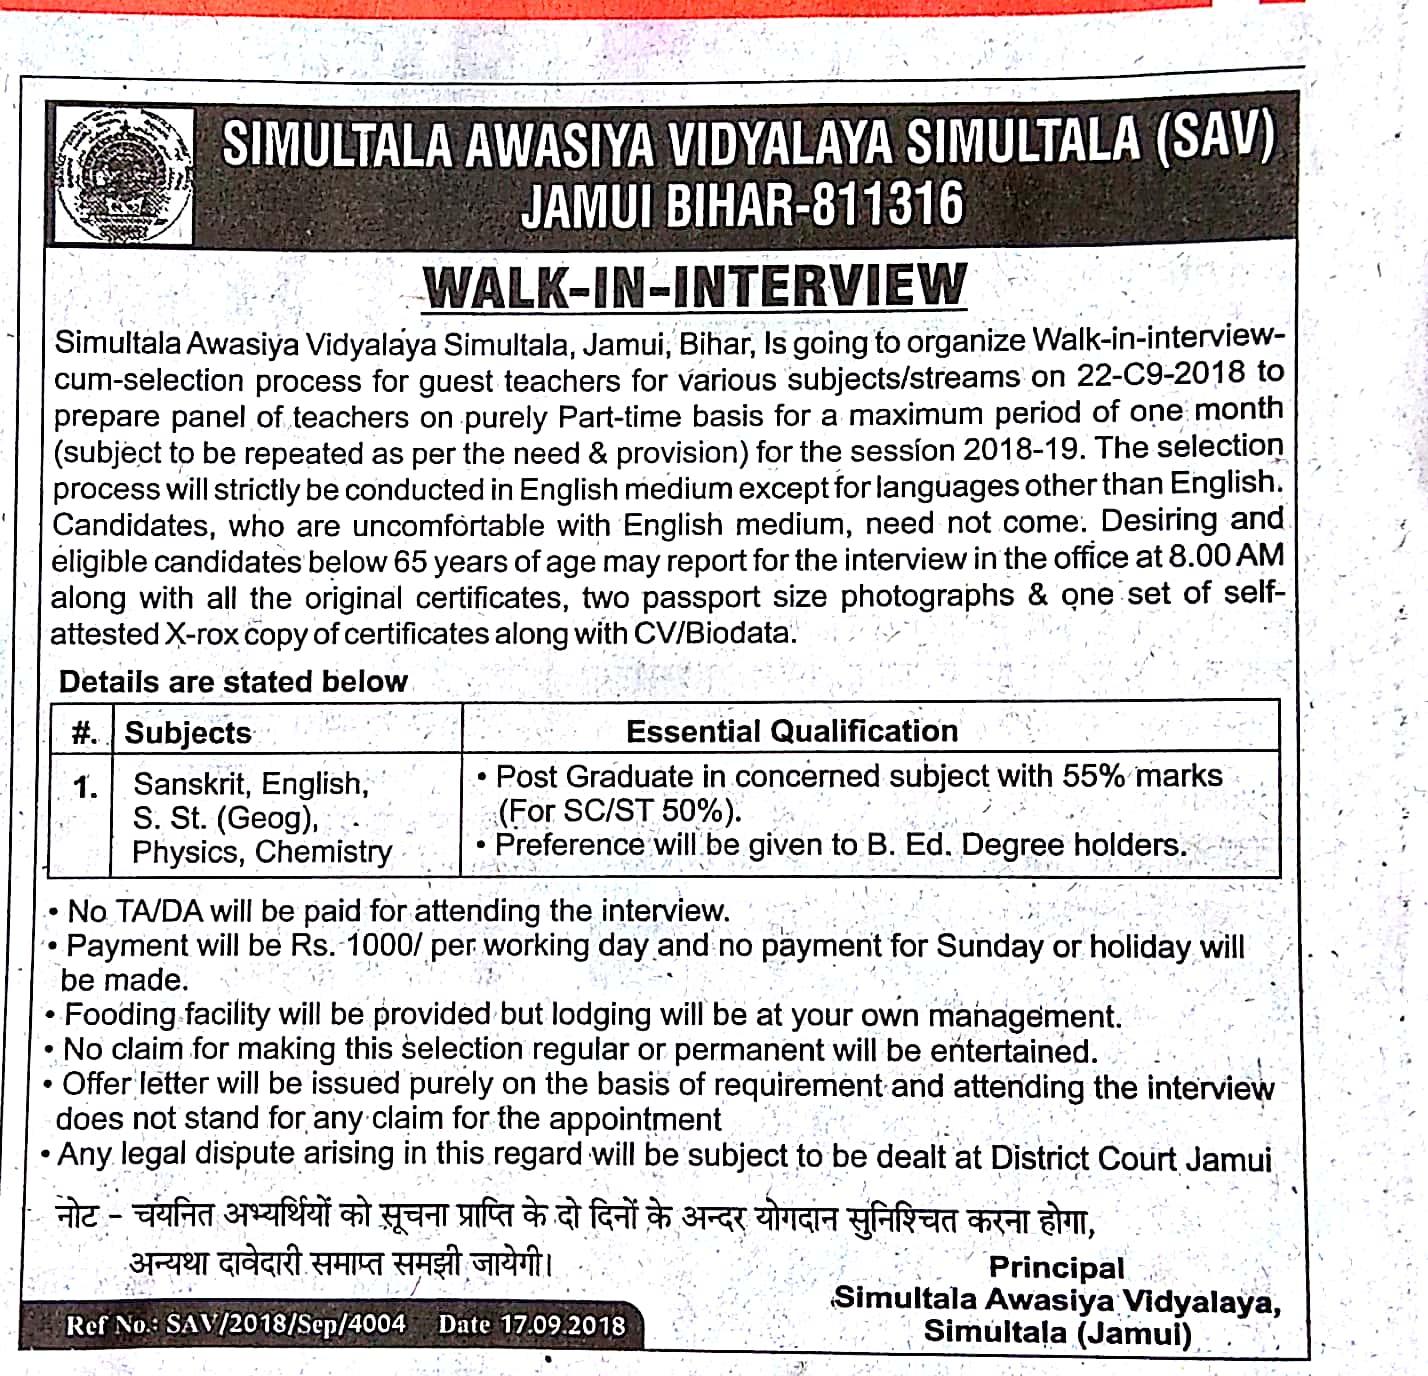 JOBS IN SIMULTALA AWASIYA VIDYALAYA SIMULTALA (SAV) JAMUI BIHAR-811316